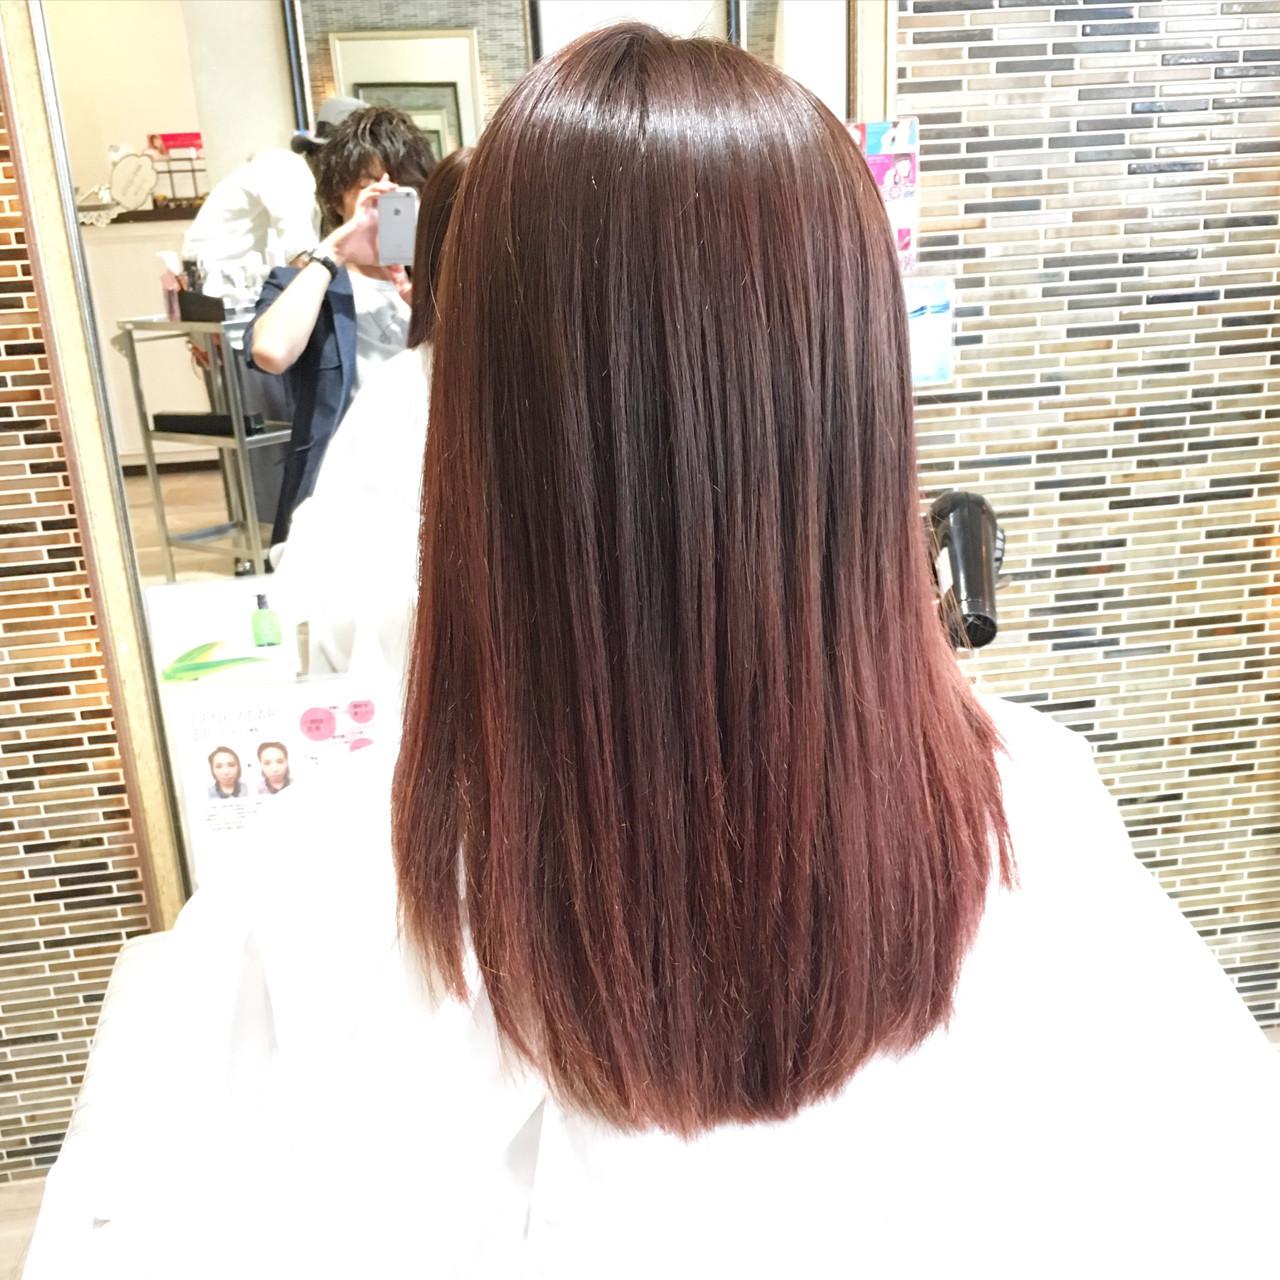 コーラルピンクが大人かわいい!旬のヘアカラーで女子力アップしよう 山本健太